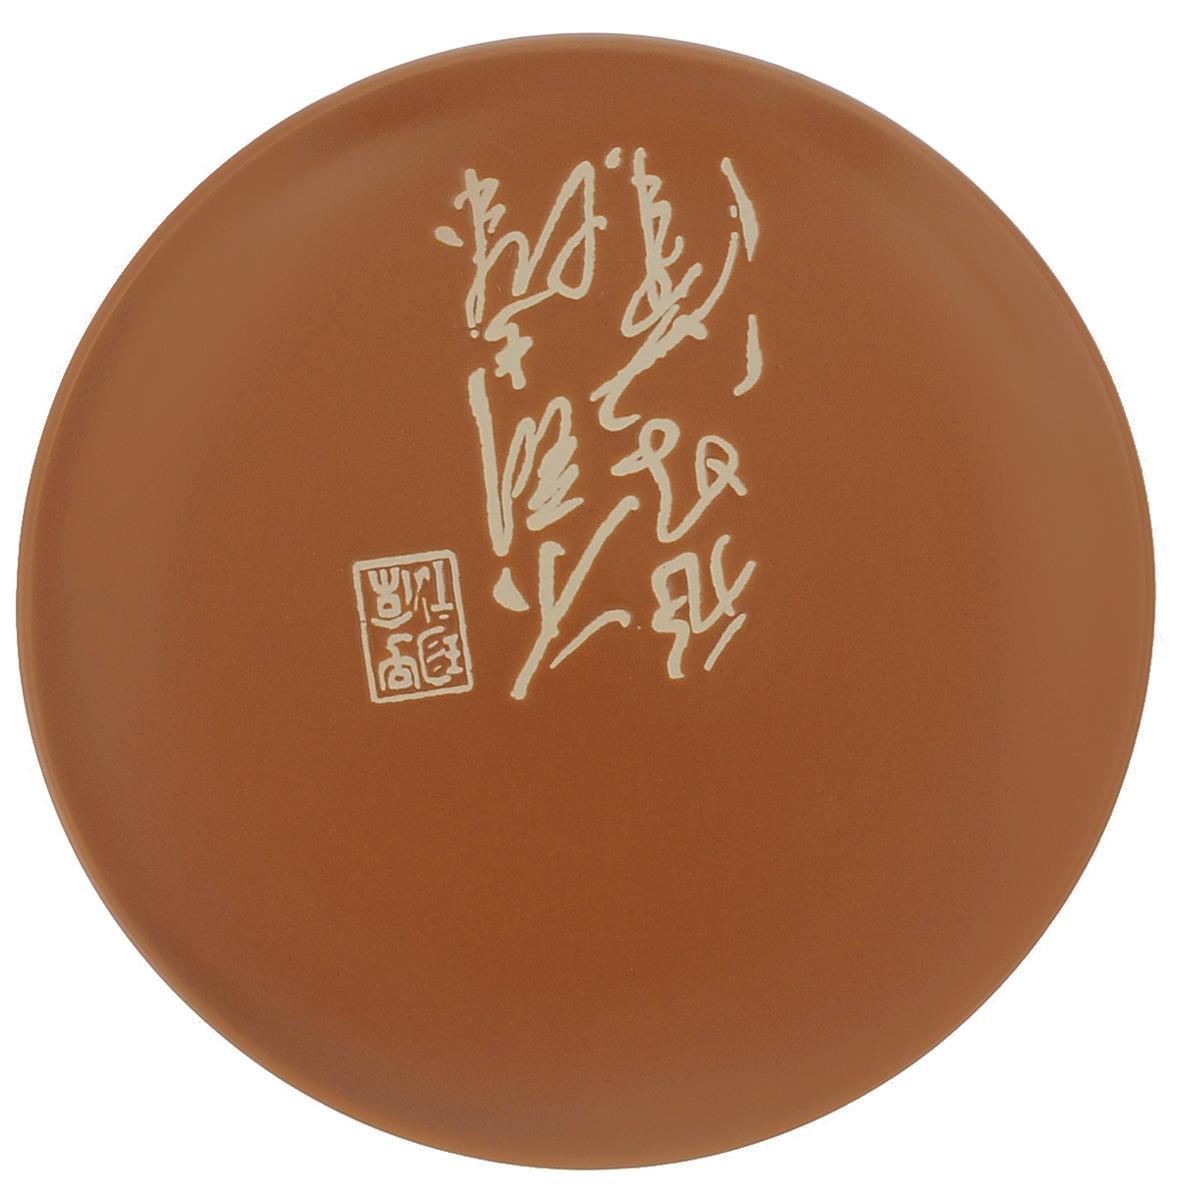 Тарелка Wing Star Терракота, диаметр 18 смLJ2085-3185TТарелка Wing Star Терракота изготовлена из высококачественной керамики. Изделие украшено оригинальной надписью.Такая тарелка украсит сервировку стола и подчеркнет прекрасный вкус хозяйки. Можно мыть в посудомоечной машине и использовать в микроволновой печи.Диаметр: 18 см. Высота: 2 см.